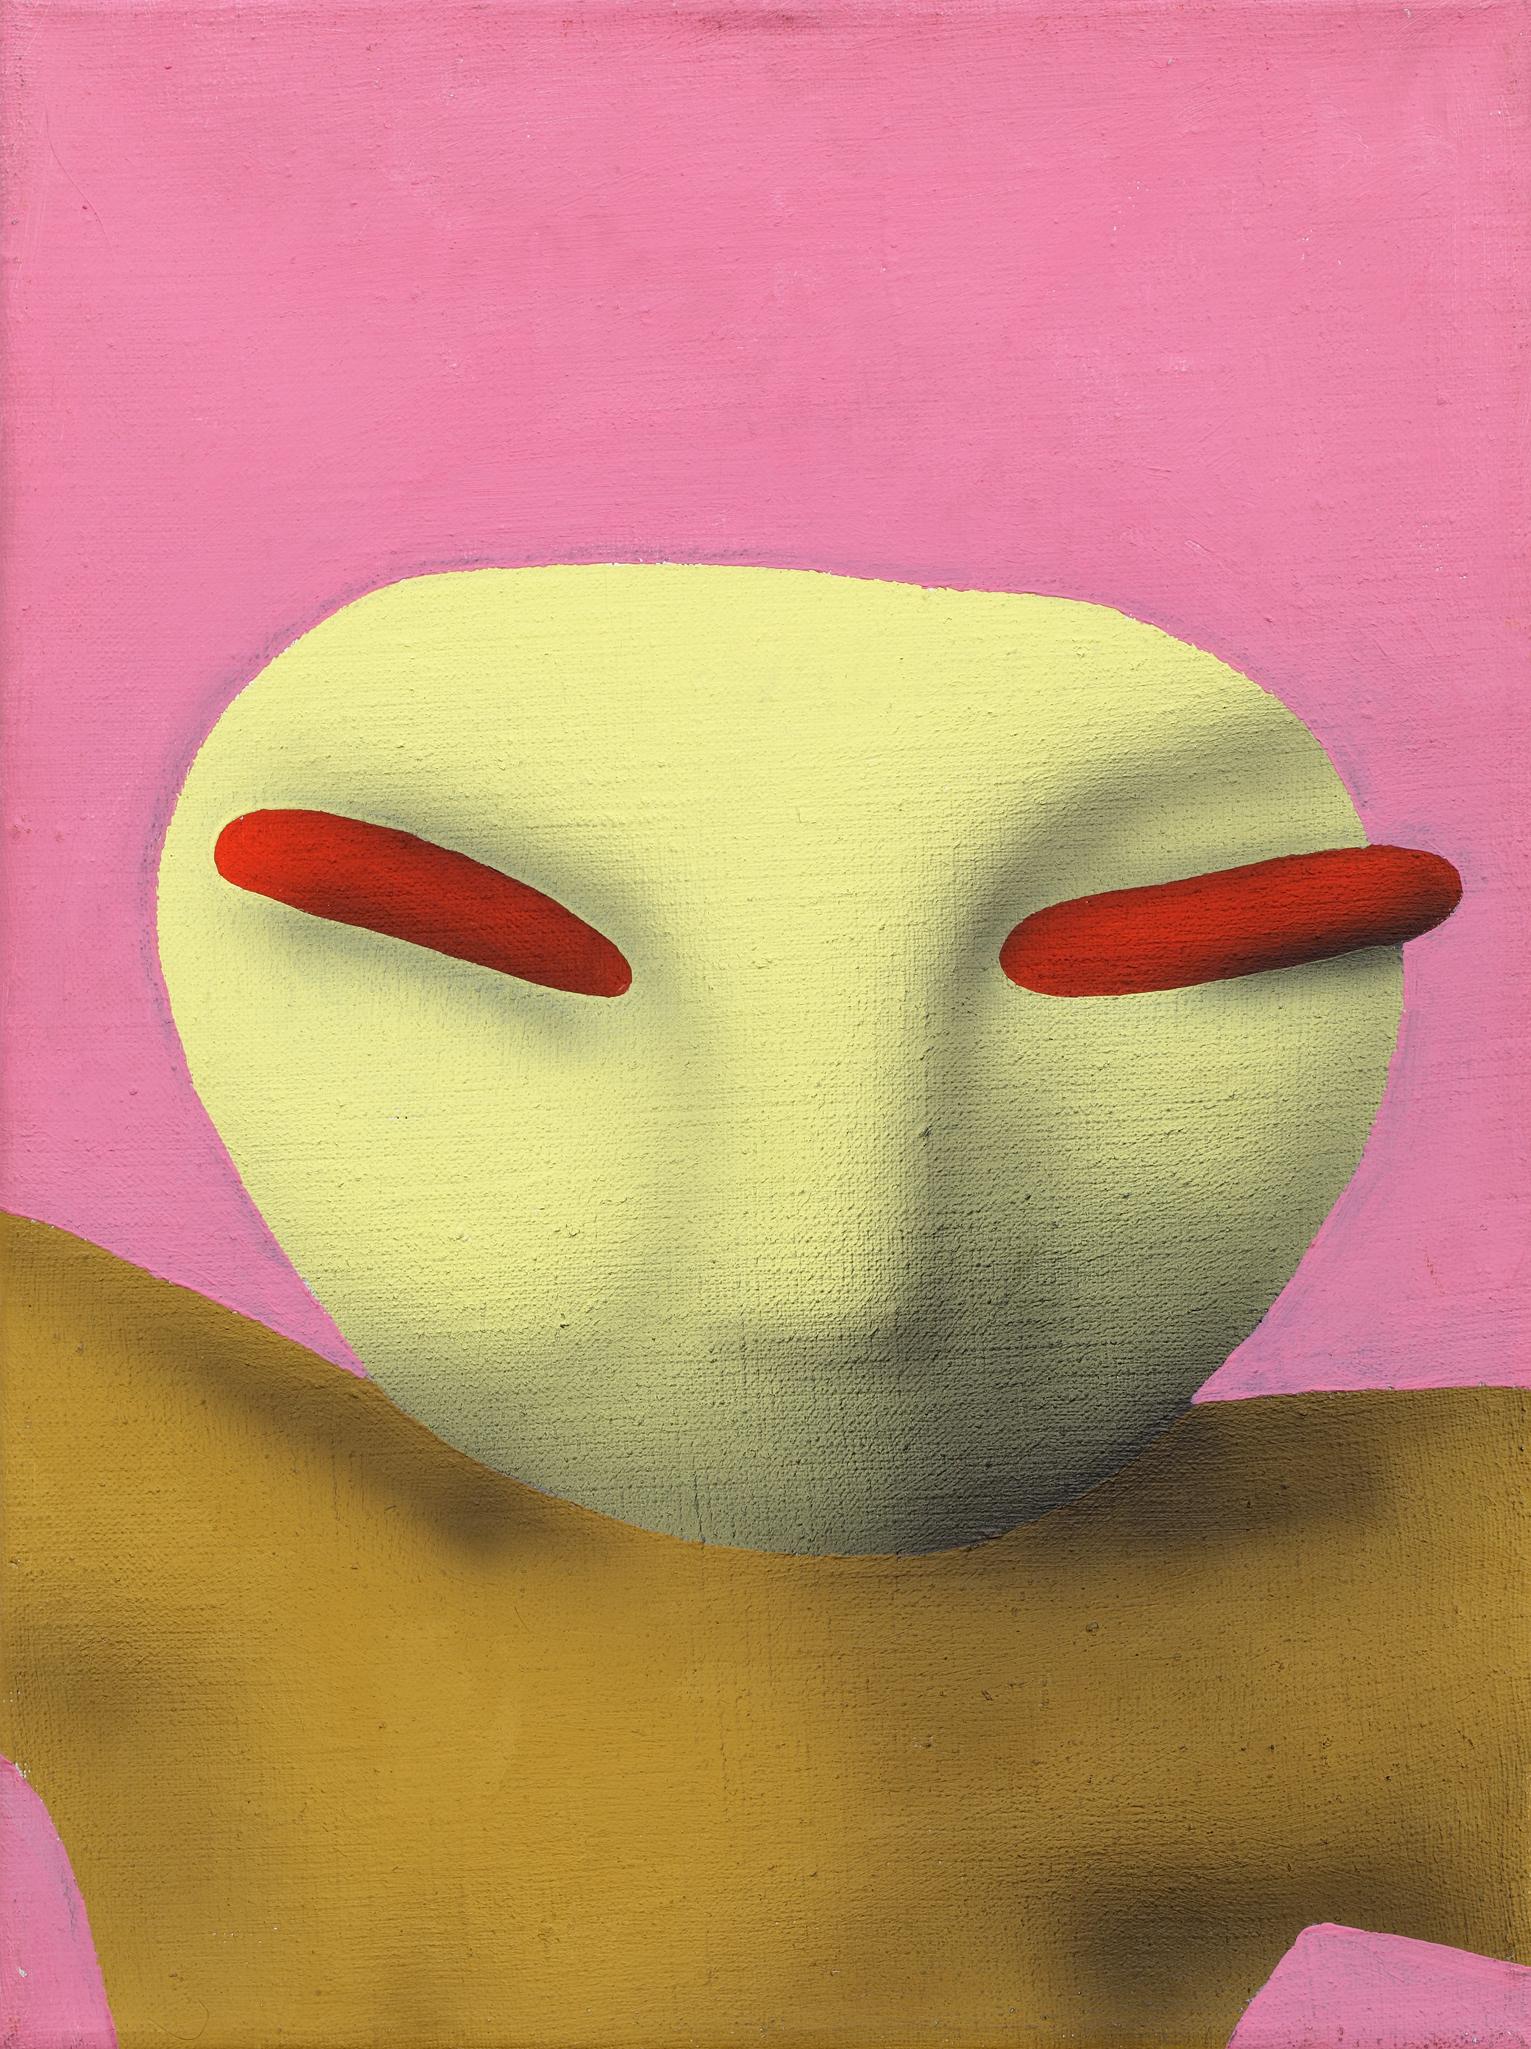 Yakuza, 2004, acrylic on canvas, 40 x 30 cm